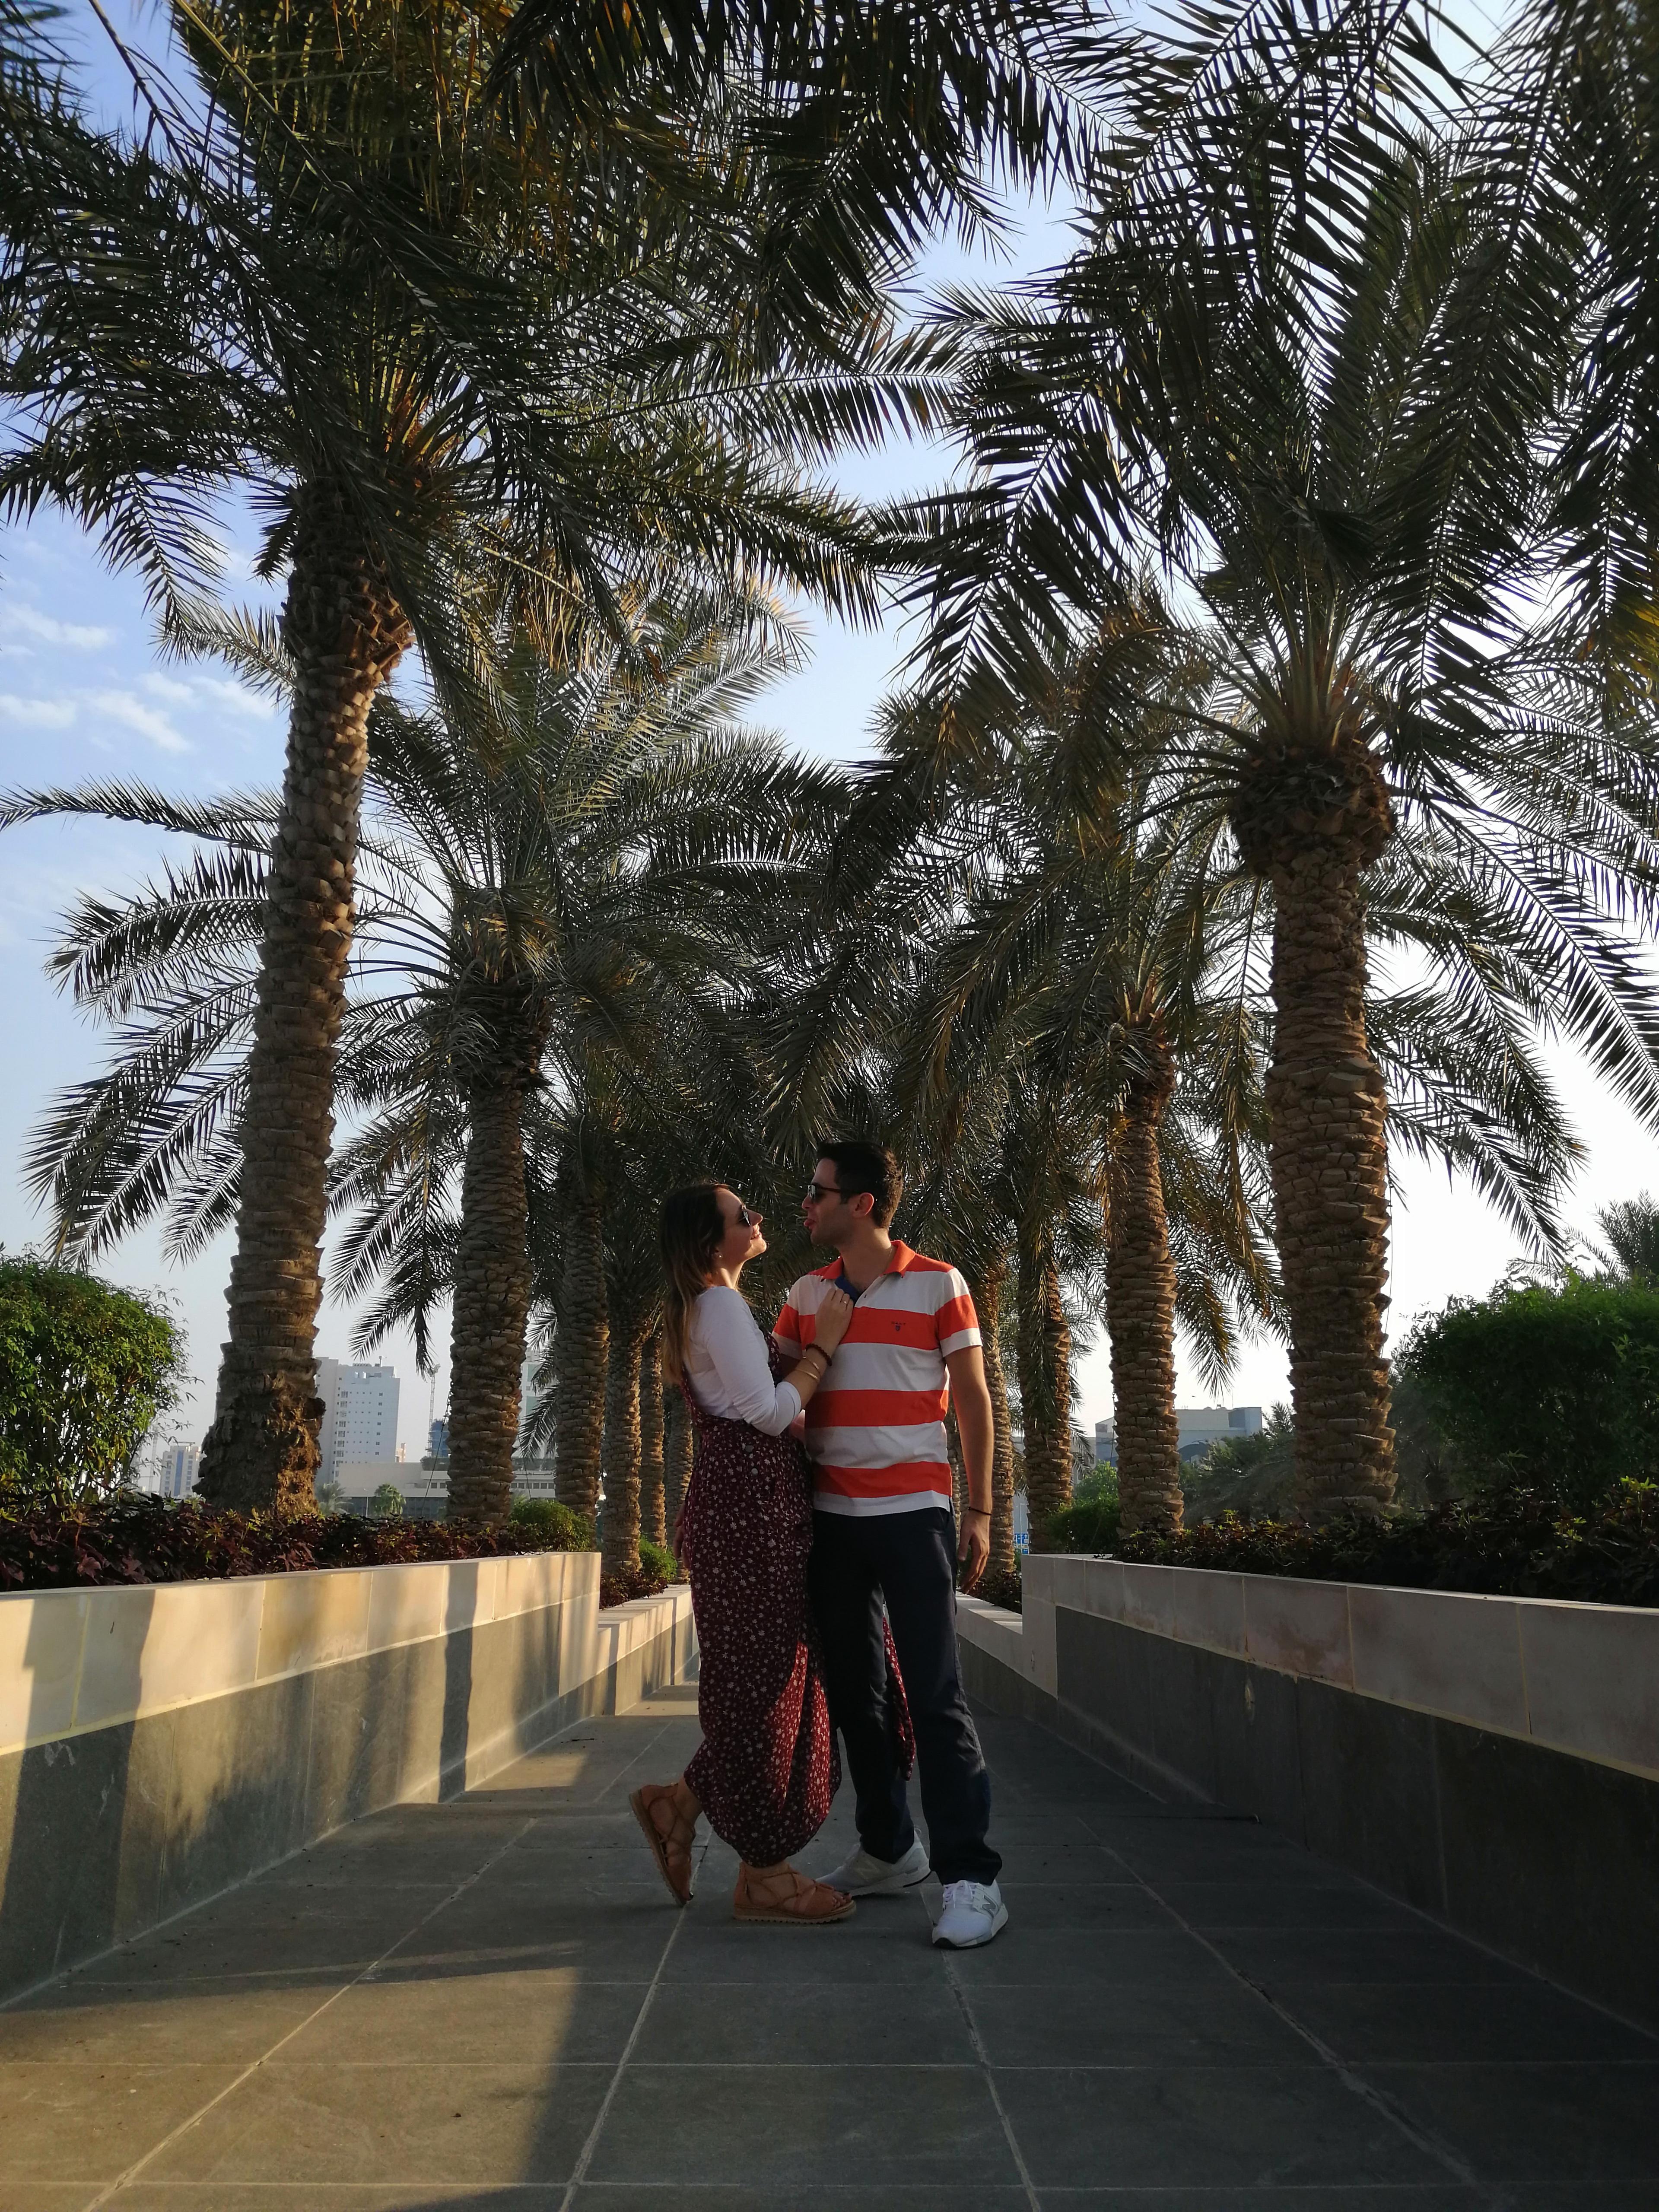 οι φοίνικες στην Ντόχα